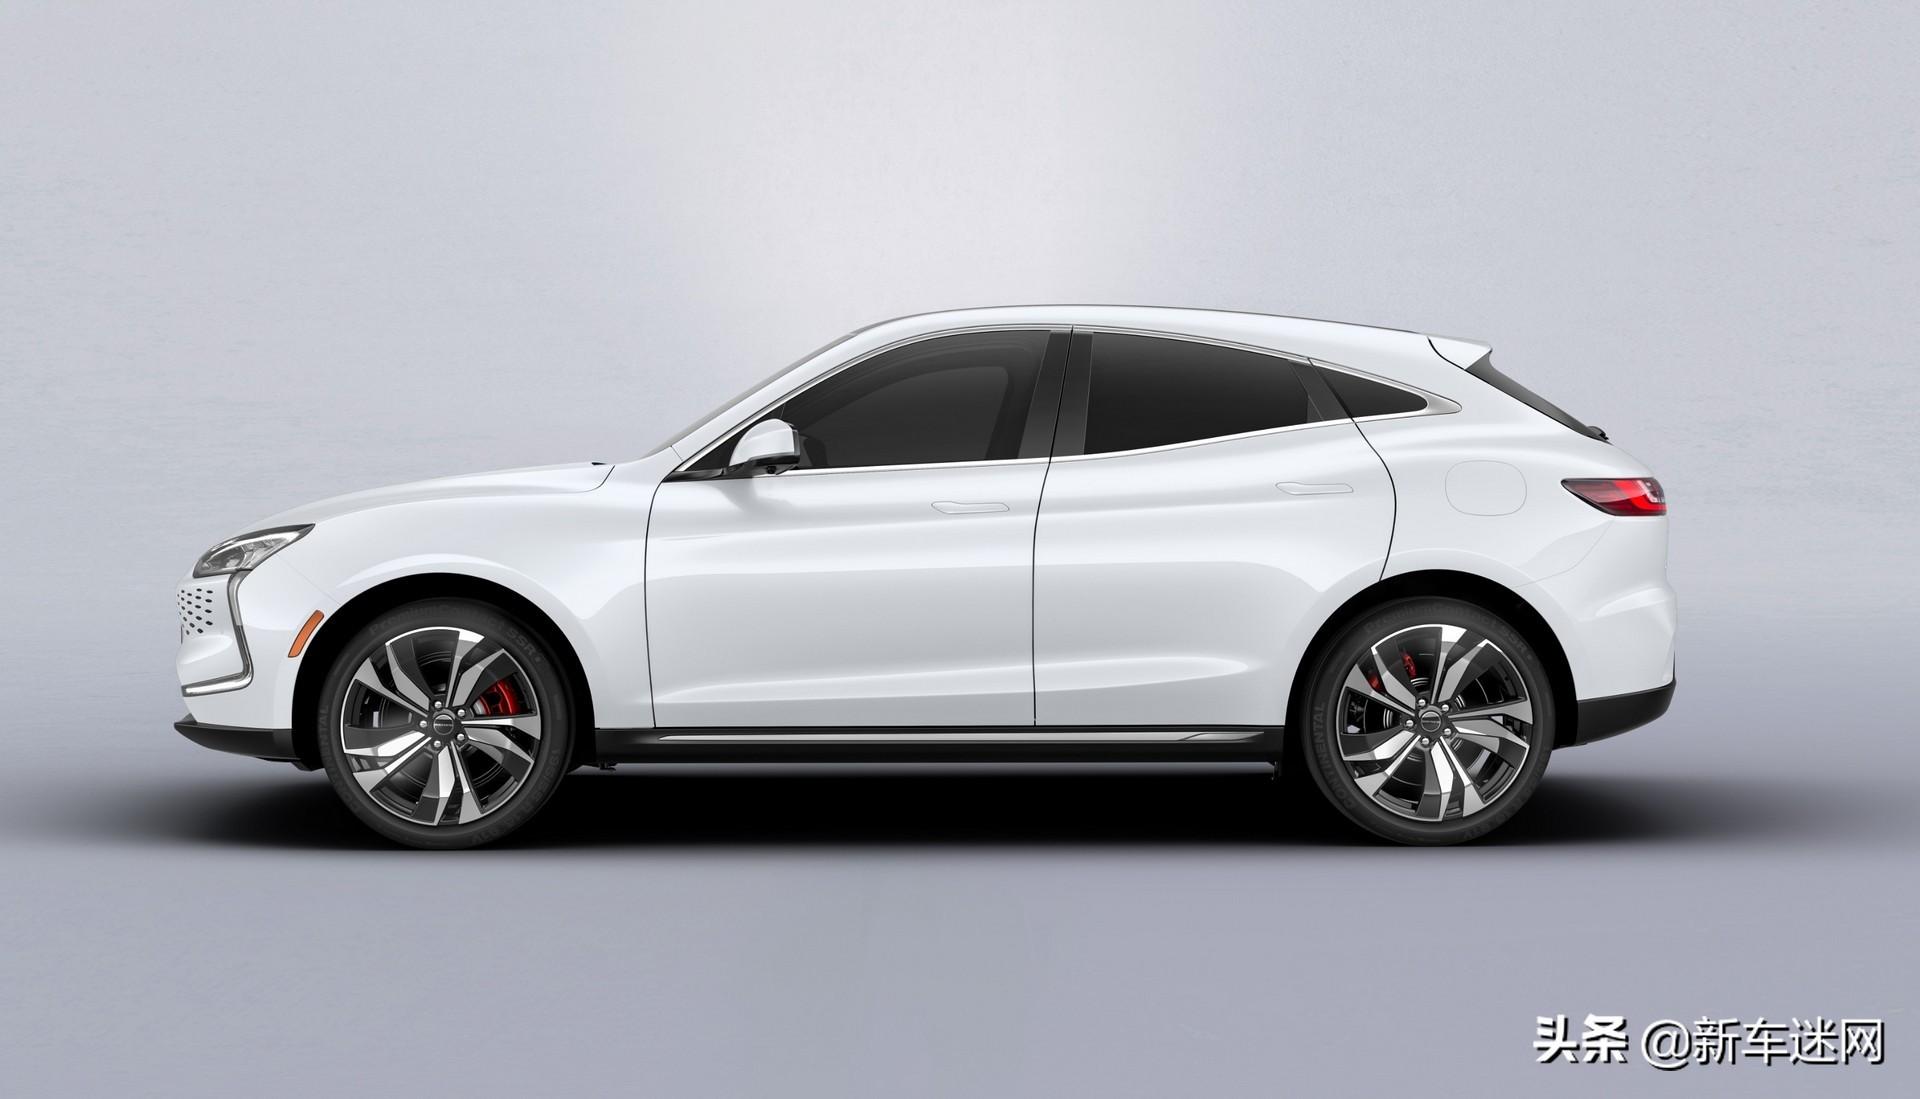 起价21.68万,续航一千公里,华为推出首款增程式汽车SF5